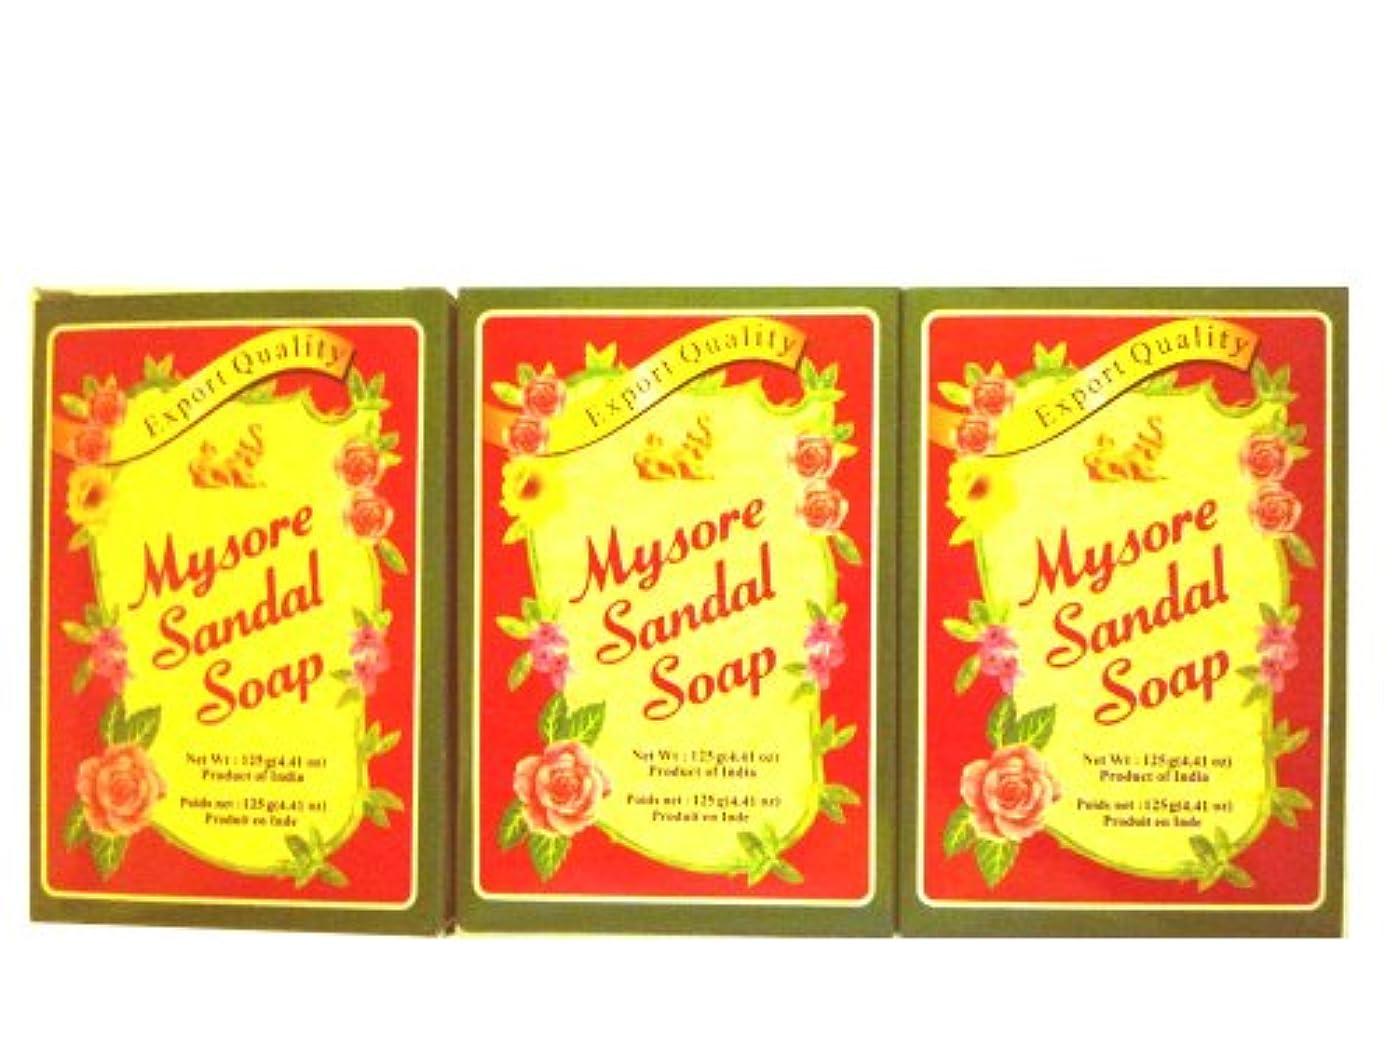 不定熱心な週間高純度白檀油配合 マイソール サンダルソープ 125g 3個セット